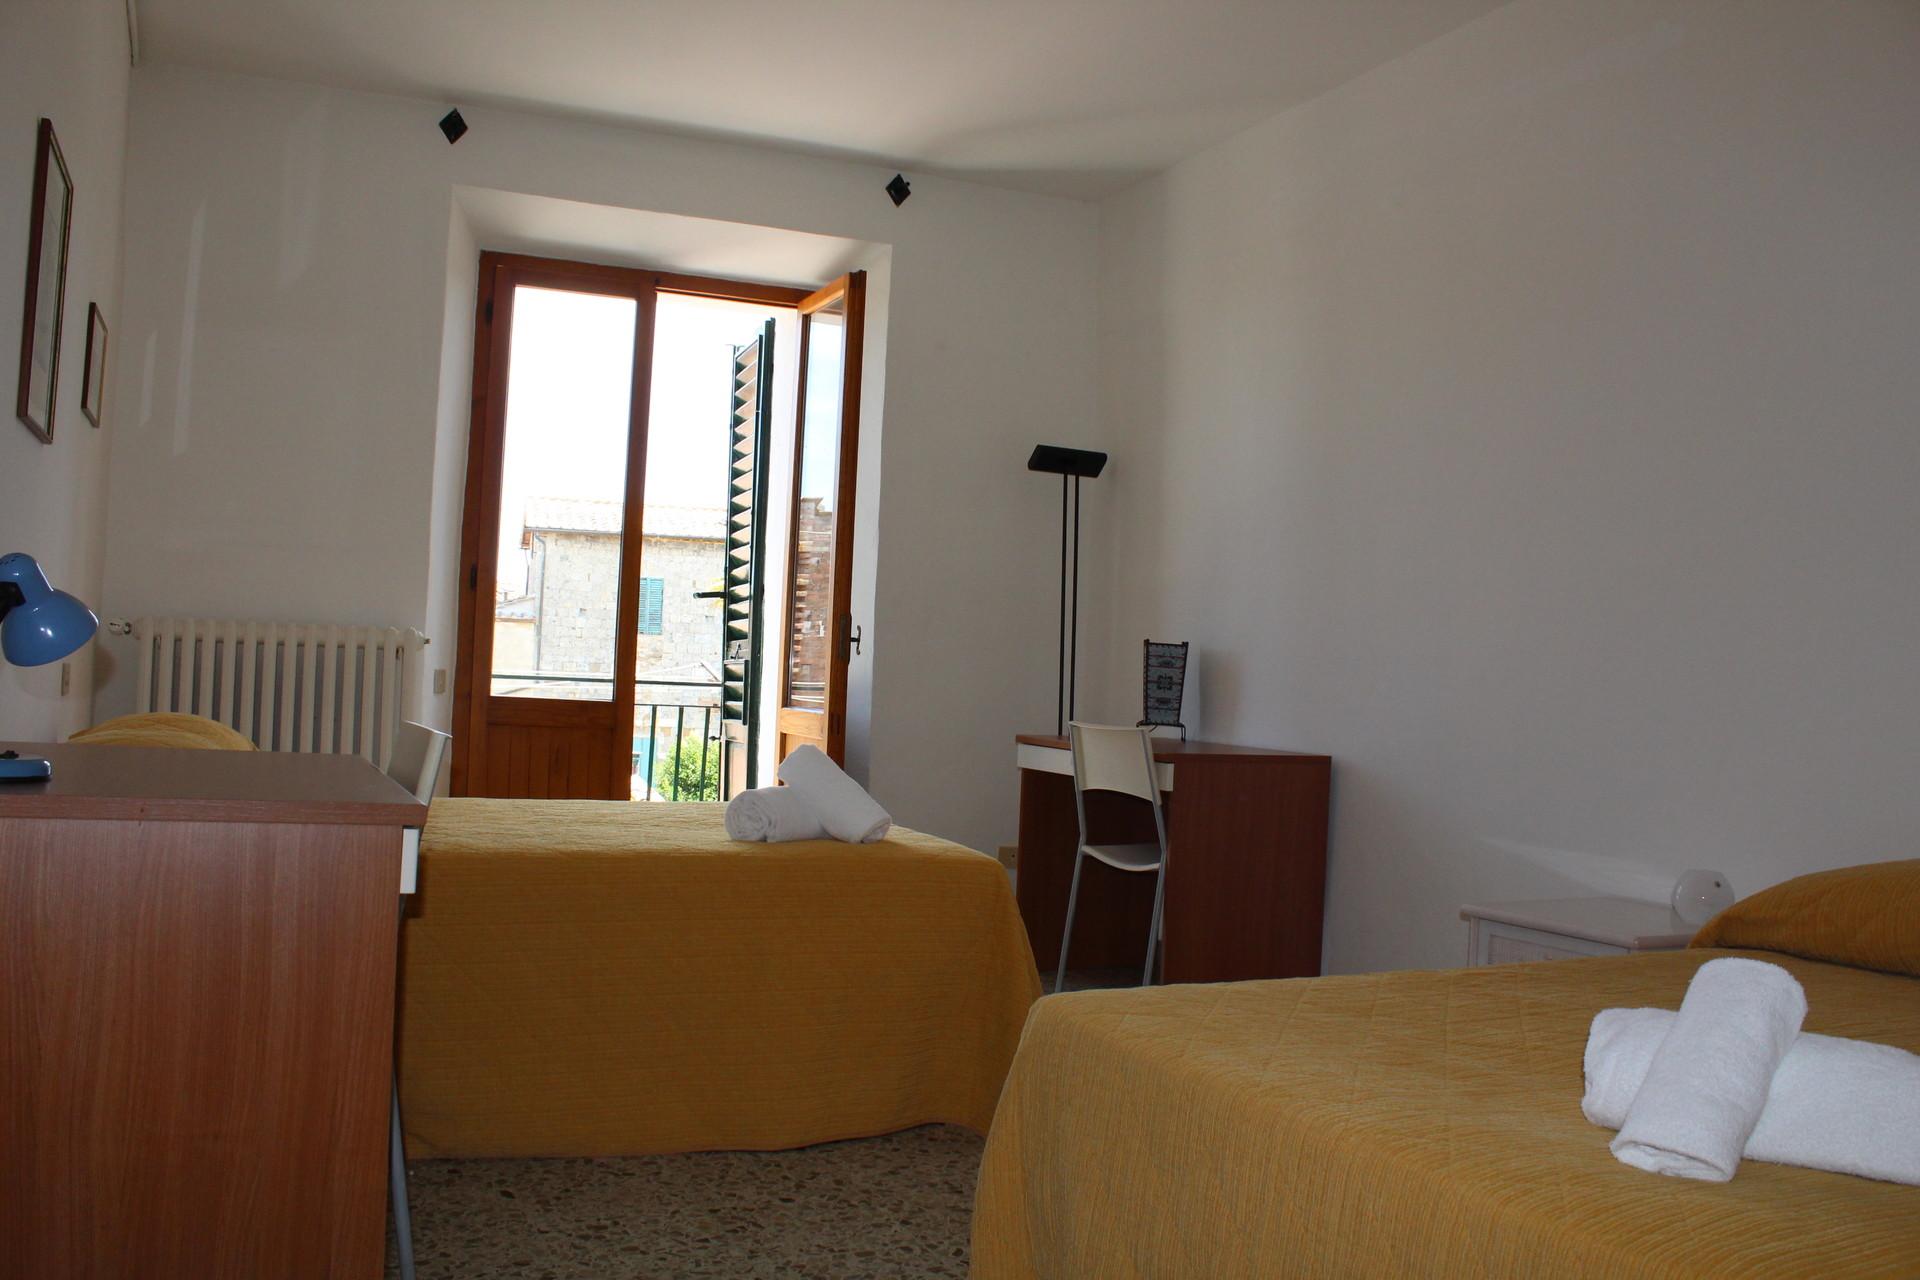 Via Stalloreggi, 43, 53100 Siena SI, Italy